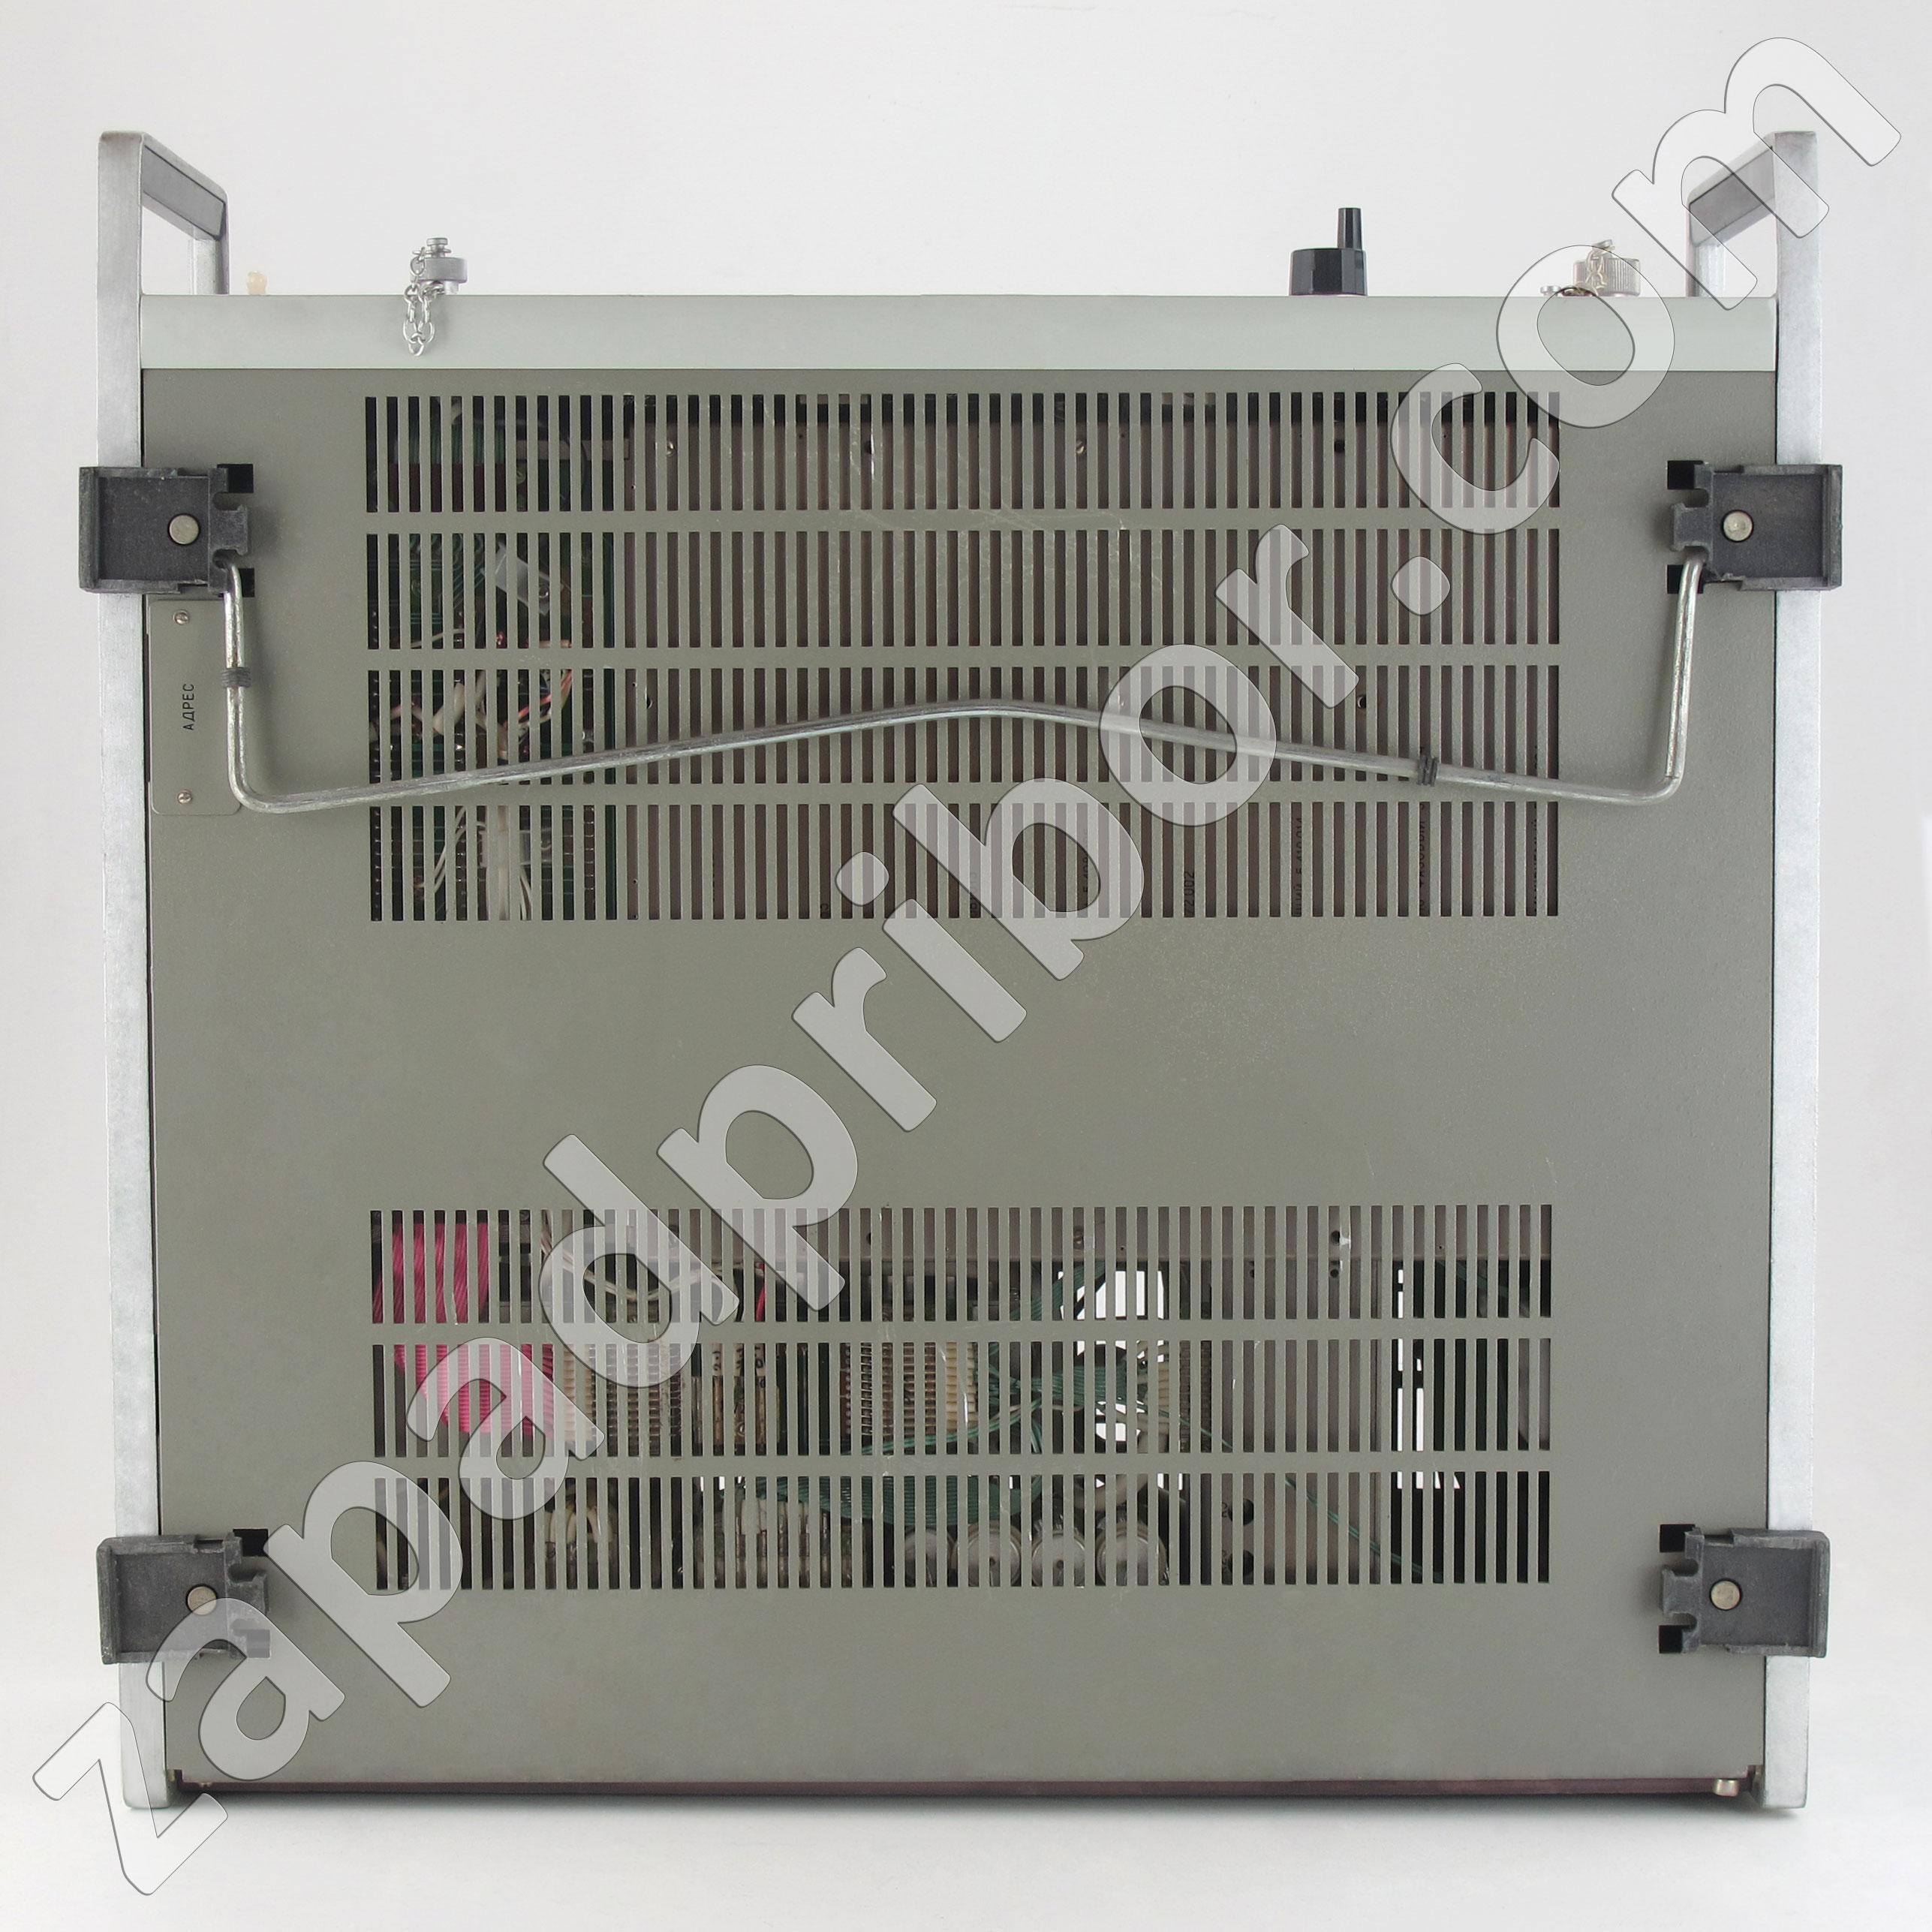 генератор г4-165 схема